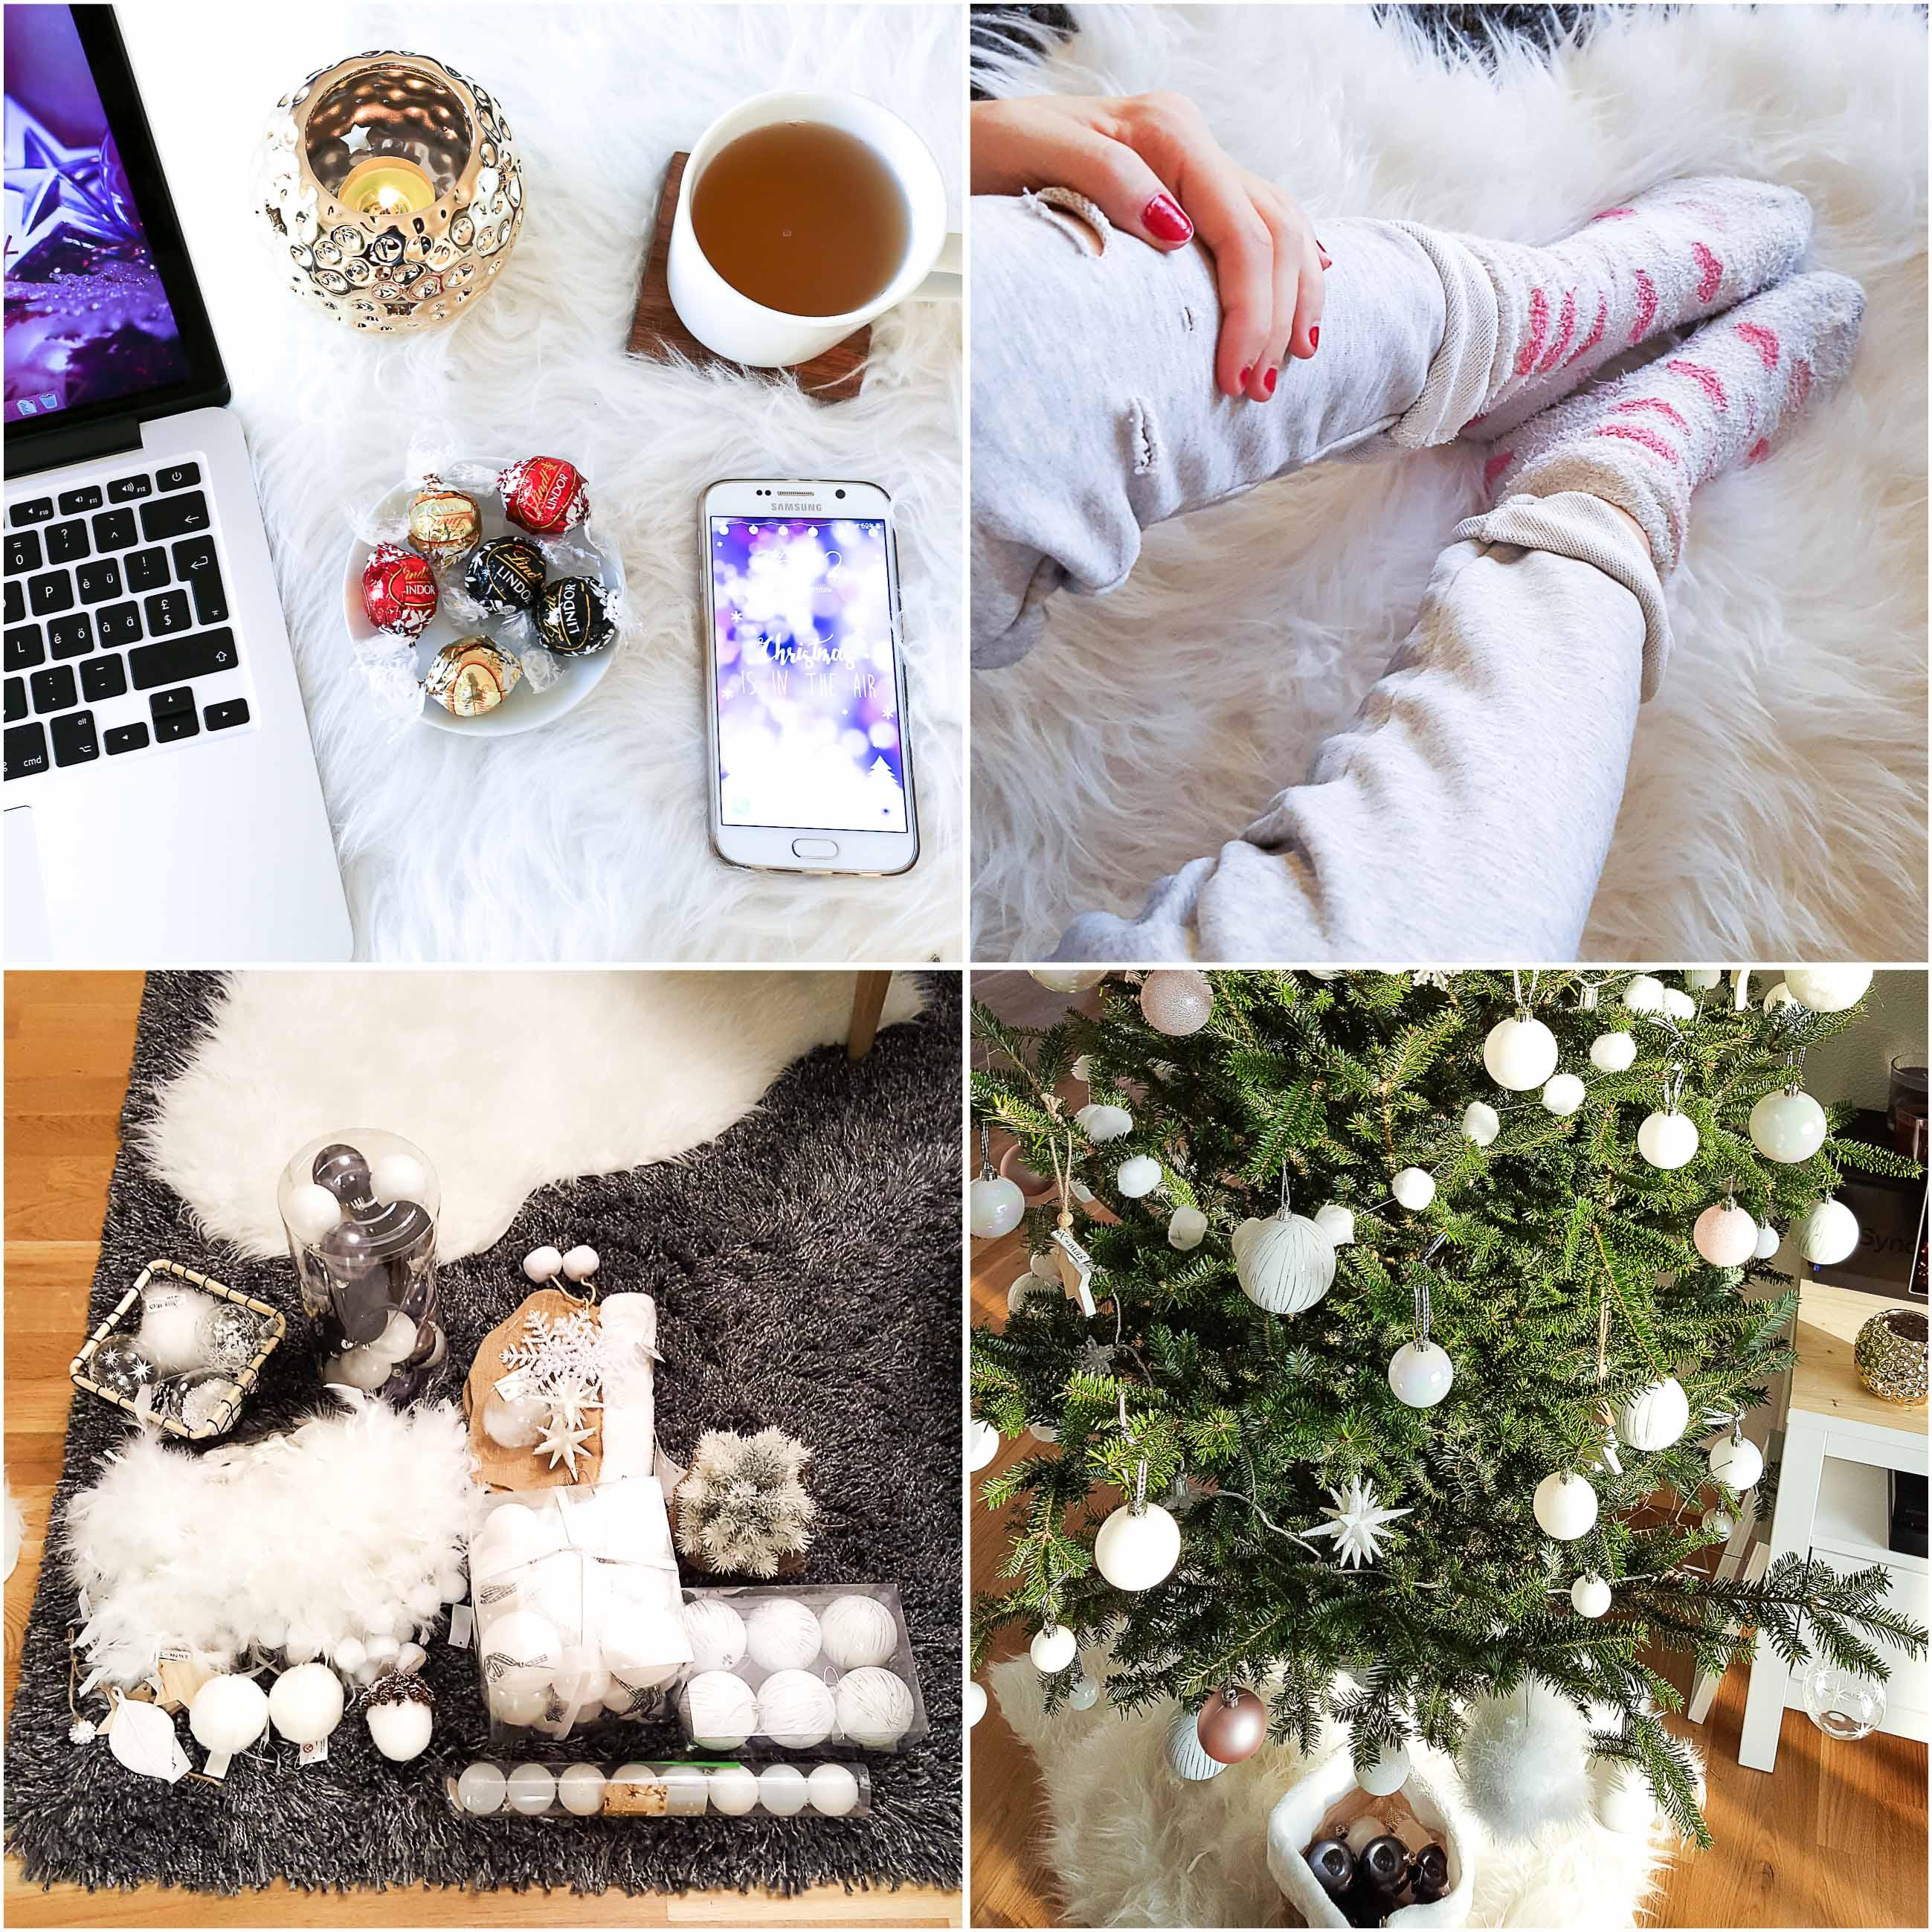 blog-mode-ma-semaine-novembre4-2